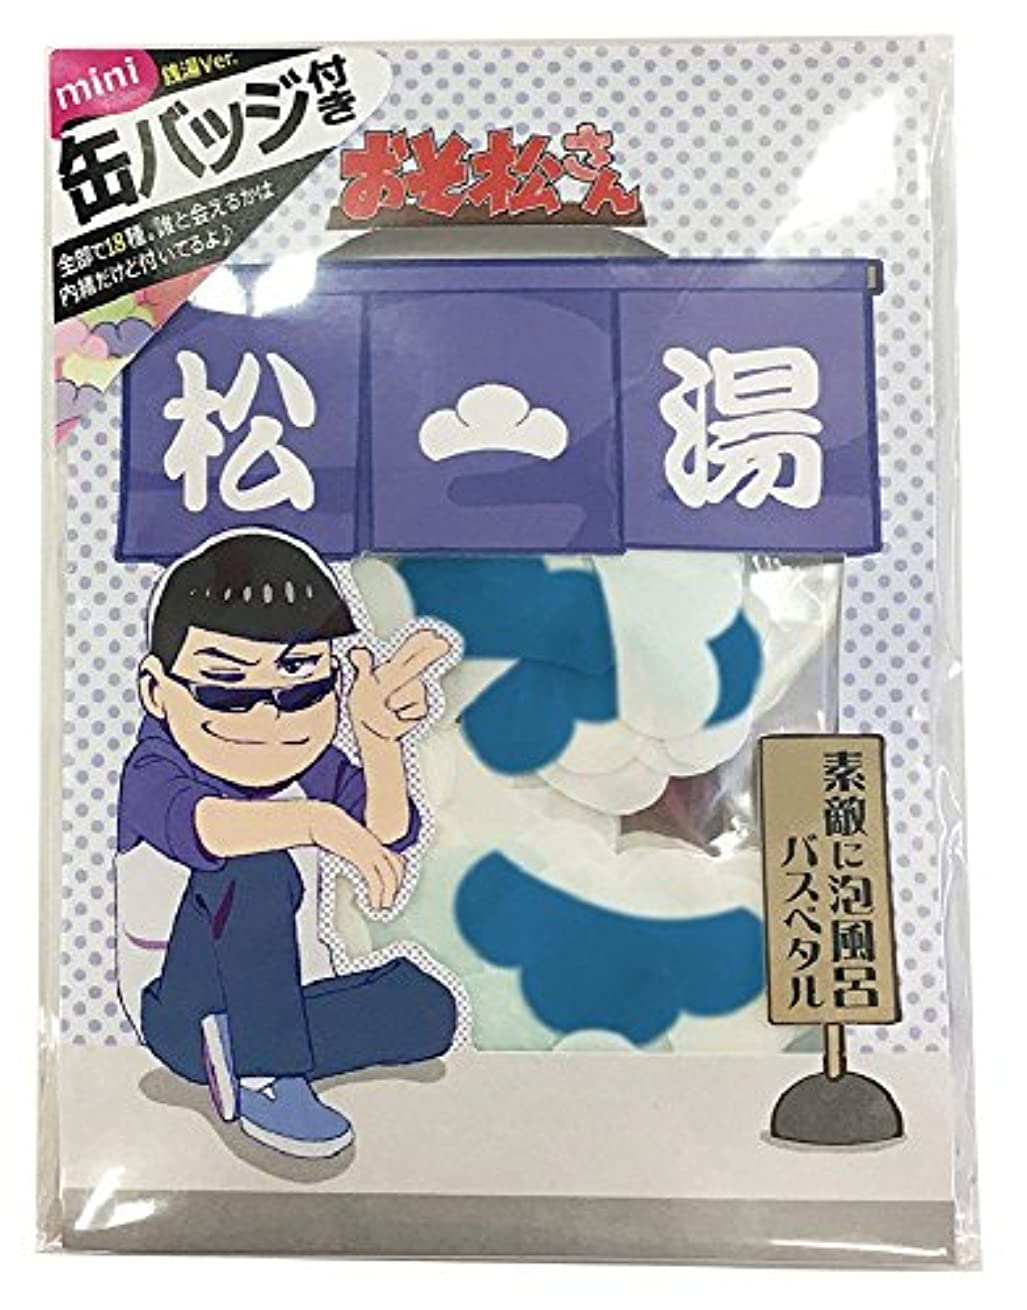 クルーズマニフェスト知るおそ松さん 入浴剤 バスペタル カラ松 香り付き ミニ缶バッジ付き ABD-001-002